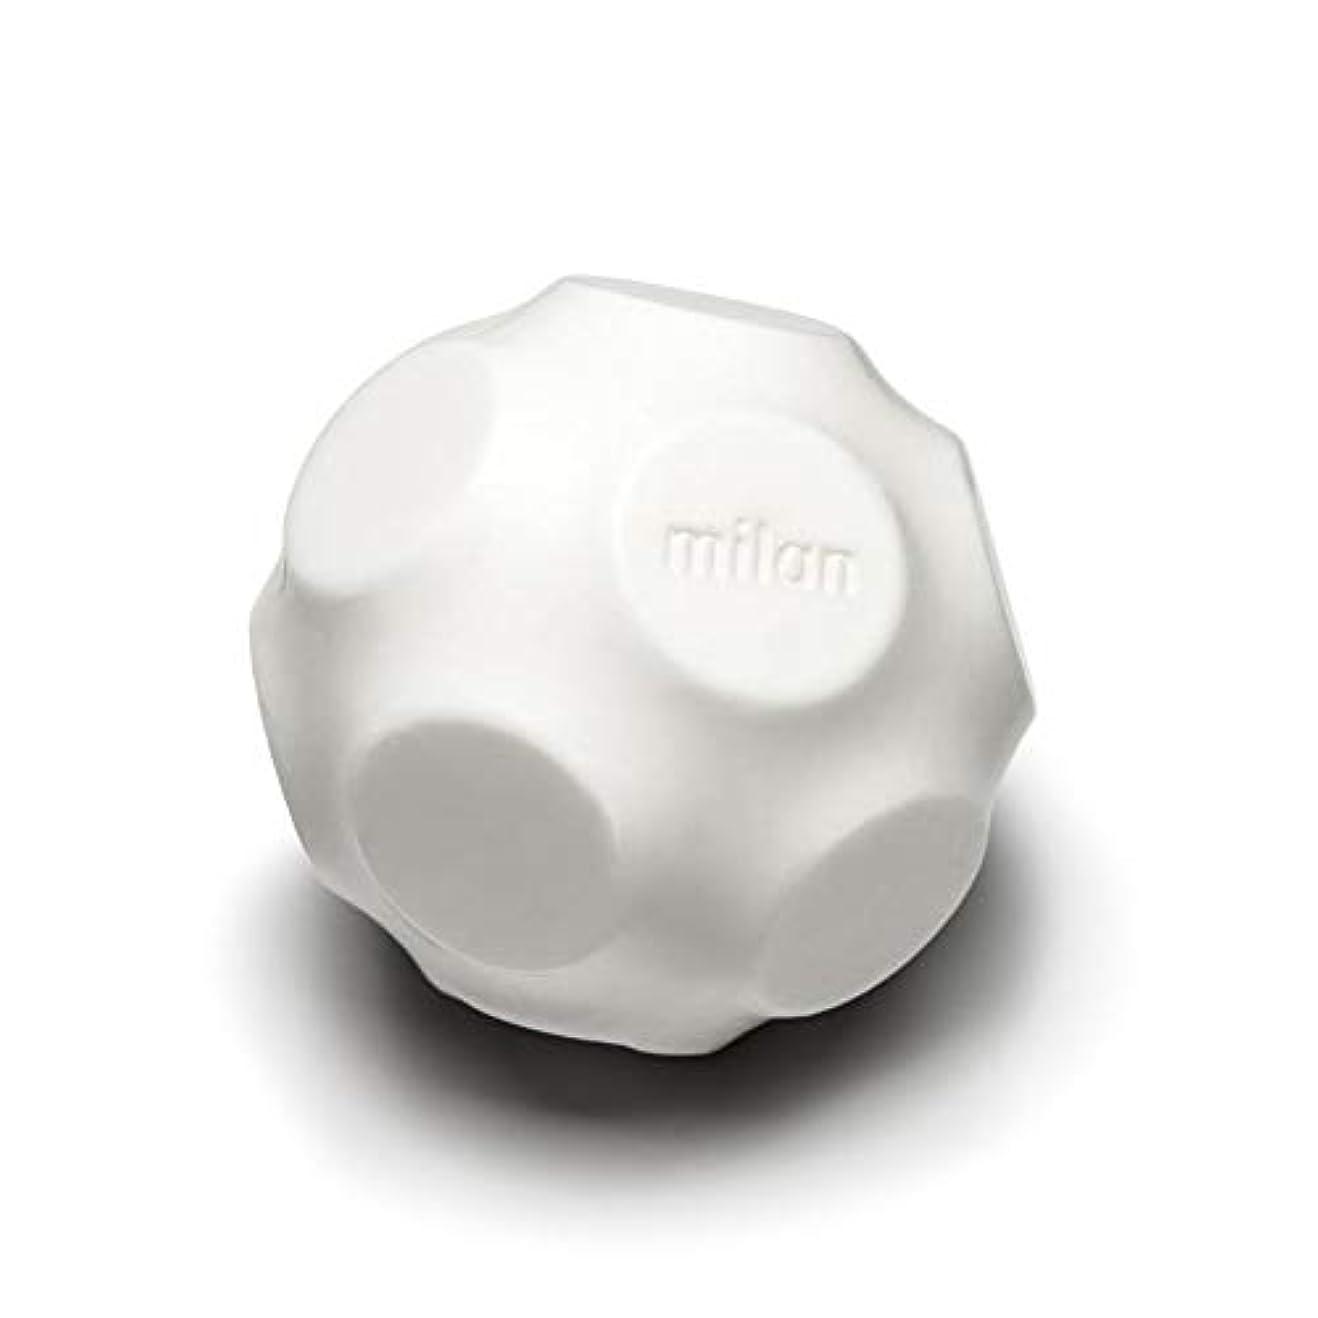 帆敷居発行するMaison Milan SIMONA ダイヤモンド粉 ホワイト 石鹸